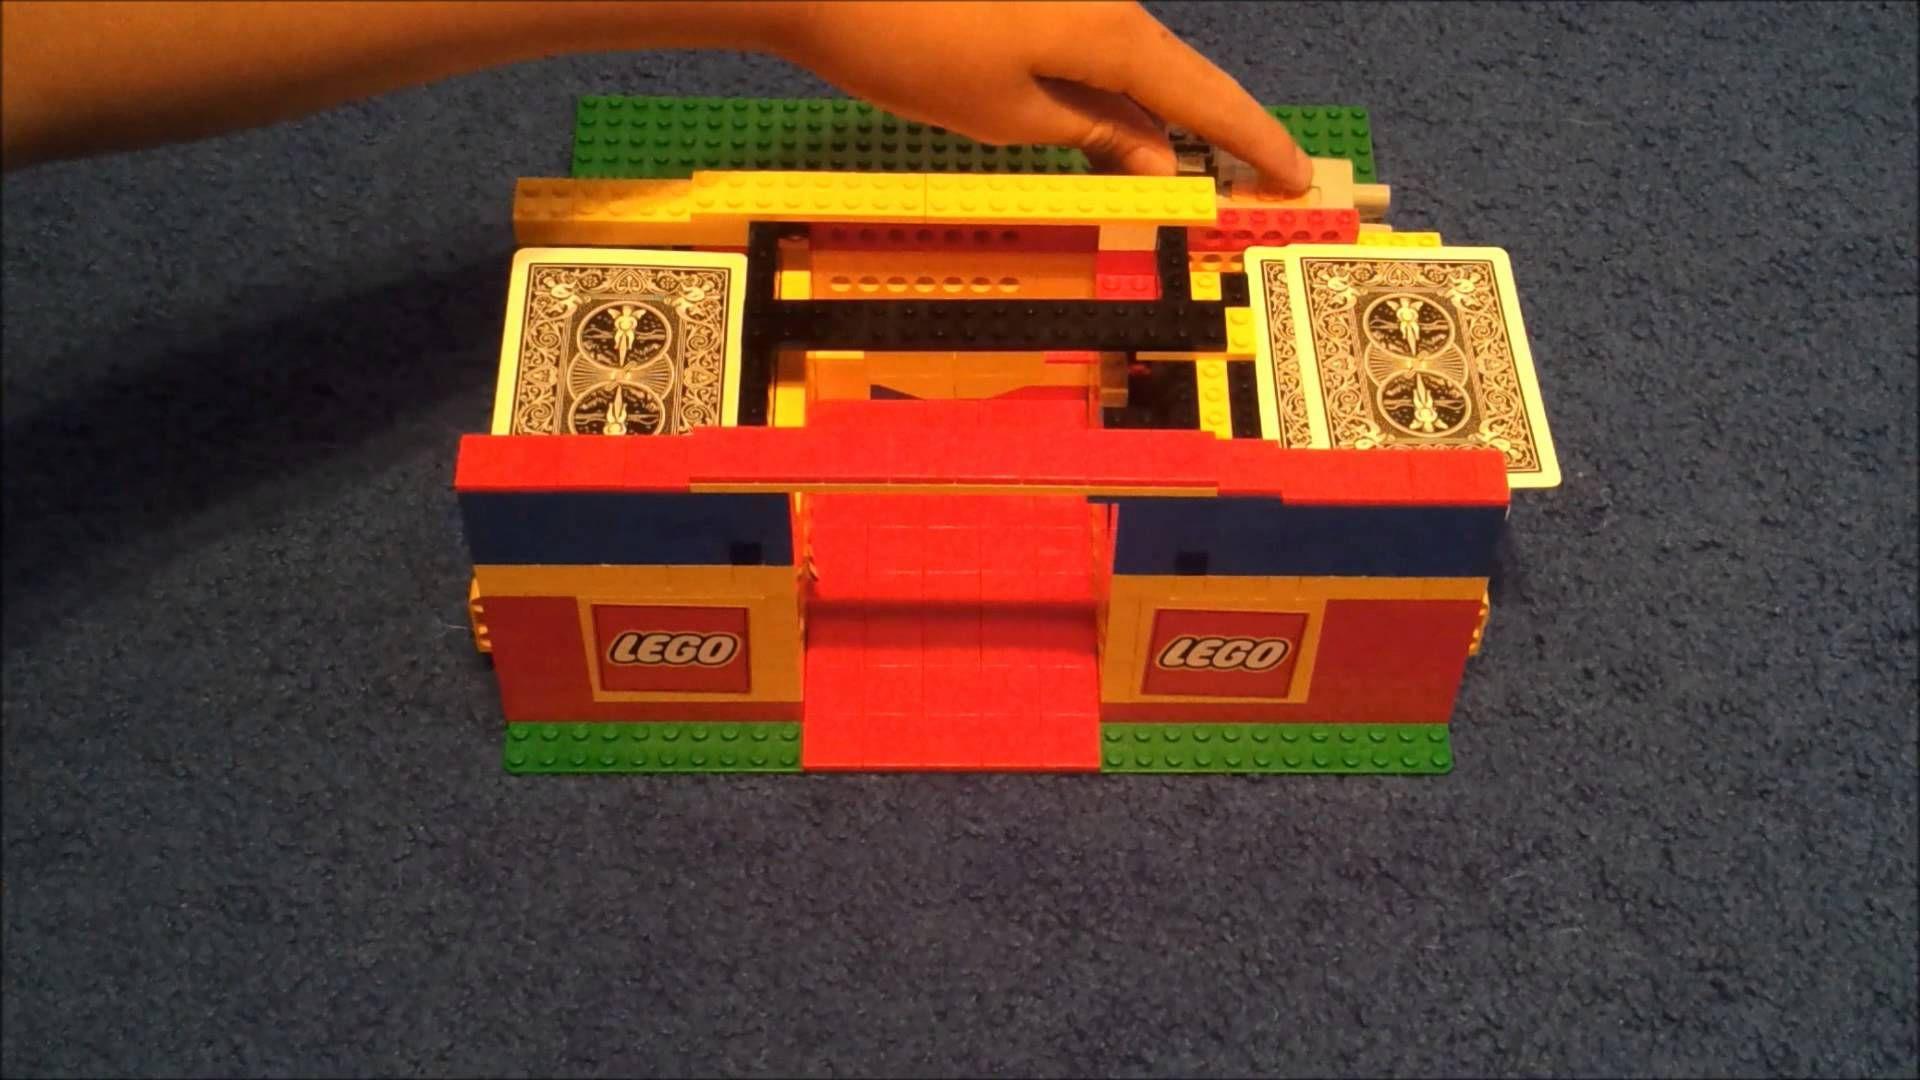 Lego Card Shuffler Lego Card Cards Lego